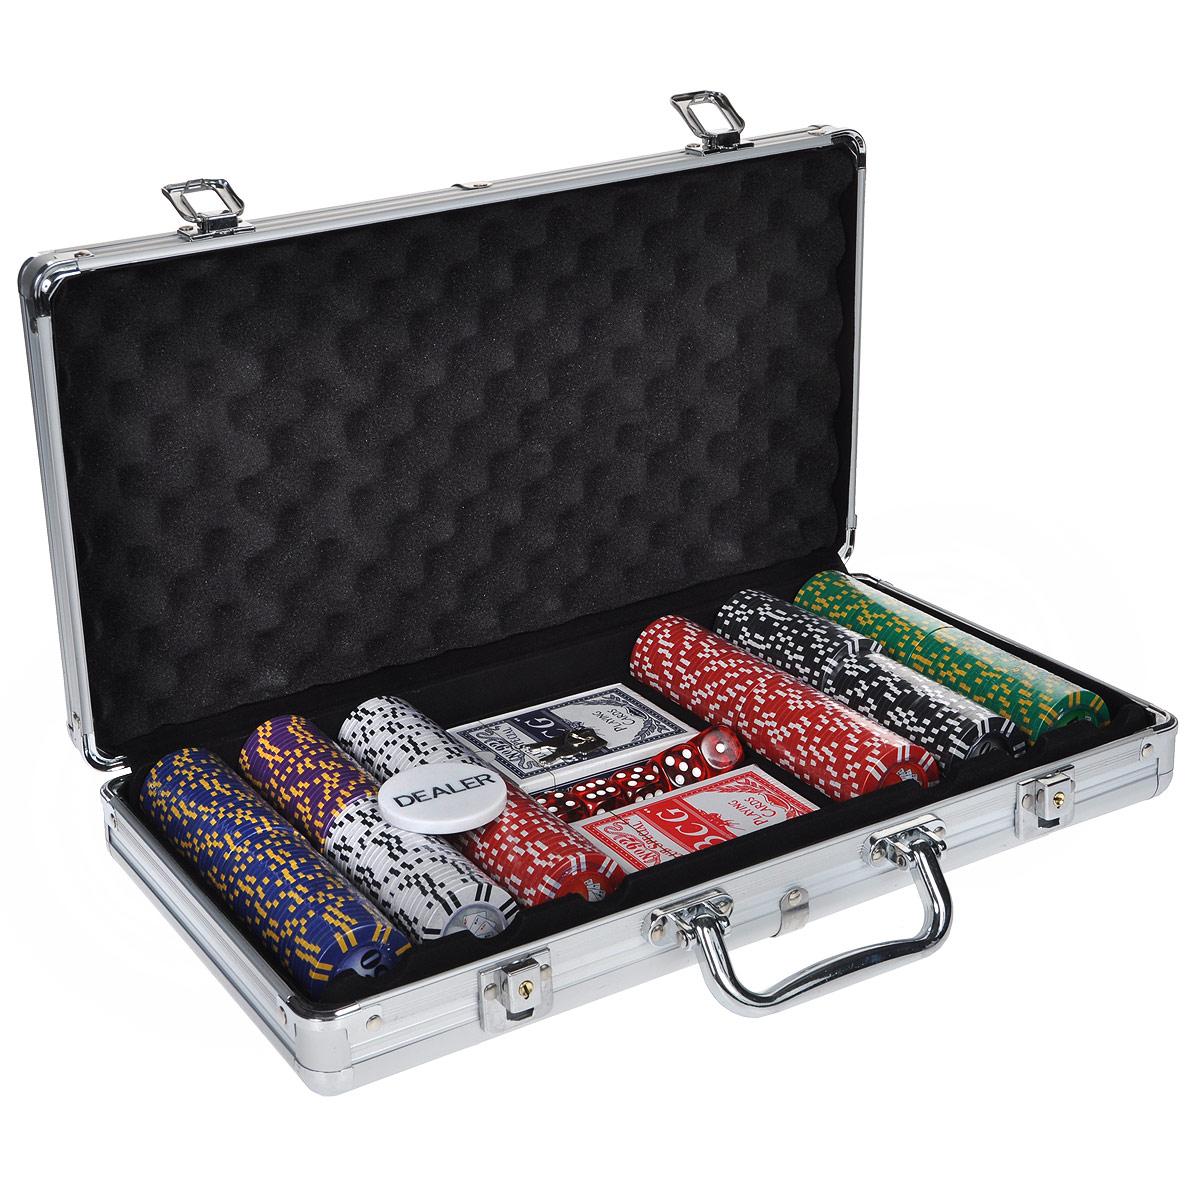 Набор для покера, размер: 40х21х8см. ГД4/300кГД4/300кНабор для игры в покер - то, что нужно для отличного проведения досуга. Набор состоит из двух колод игральных карт, 300 игровых пластиковых фишек, фишки Dealer и 5 игровых кубиков. Набор фишек состоит из 50 фишек белого цвета с номиналом 1, 75 фишек красного цвета c номиналом 5, 50 фишек зеленого цвета с номиналом 25, 50 фишек синего цвета с номиналом 50, 50 фишек черного цвета с номиналом 100 и 25 фишек фиолетового цвета с номиналом 500. Предметы набора хранятся в металлическом кейсе, закрывающемся на ключ. Такой набор станет отличным подарком для любителей покера. Покер (англ. poker) - карточная игра, цель которой - выиграть ставки, собрав как можно более высокую покерную комбинацию, используя 5 карт, или вынудив всех соперников прекратить участвовать в игре. Игра идет с полностью или частично закрытыми картами. Покер как карточная игра существует более 500 лет. Зародился он в Европе: в Испании, Франции, Италии. С течением...